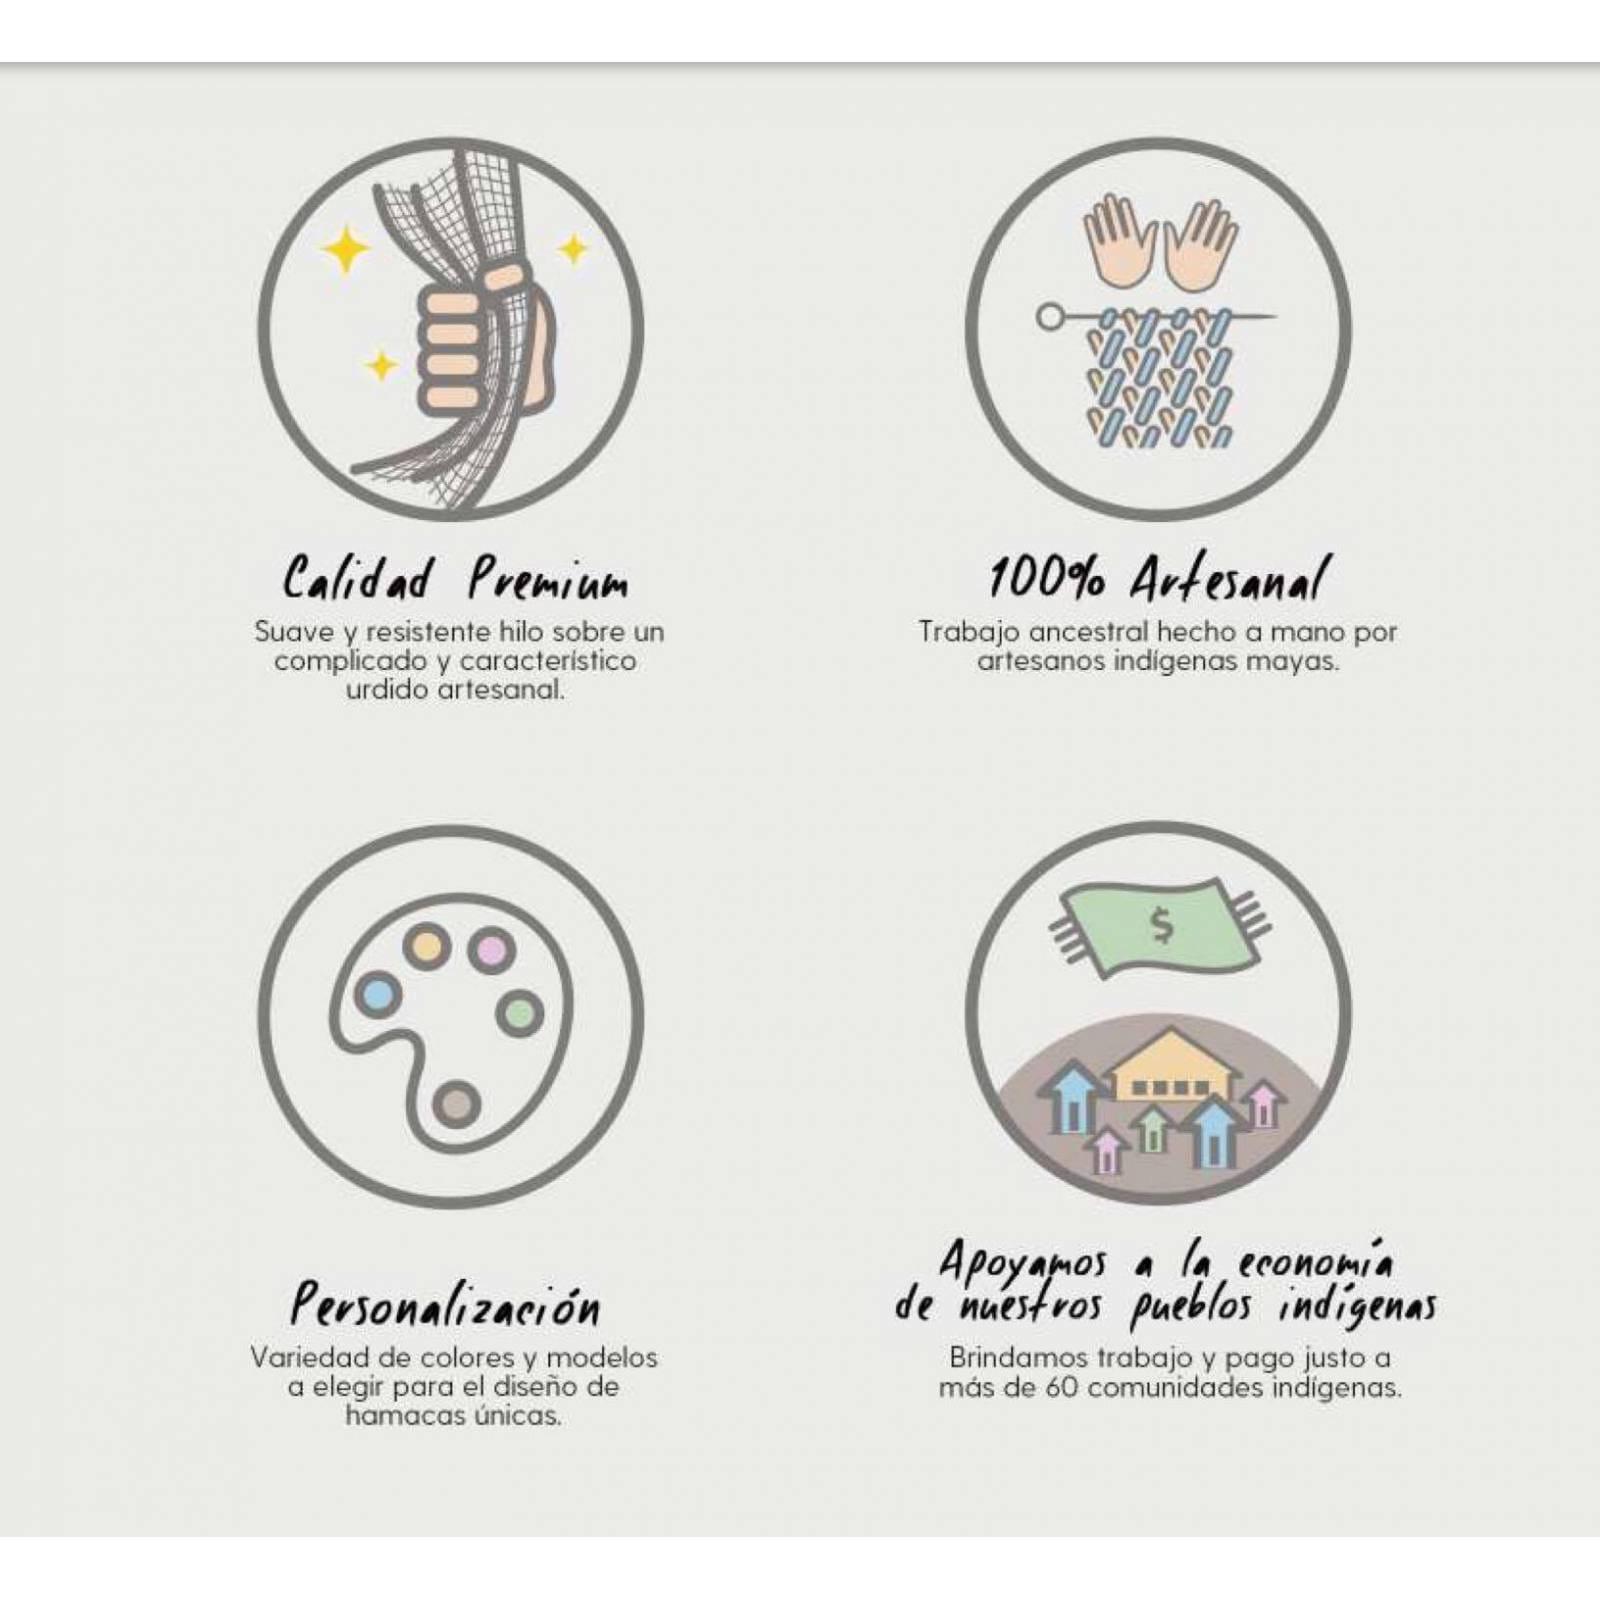 Hamaca Dúo 100% Artesanal Mayaca Premium